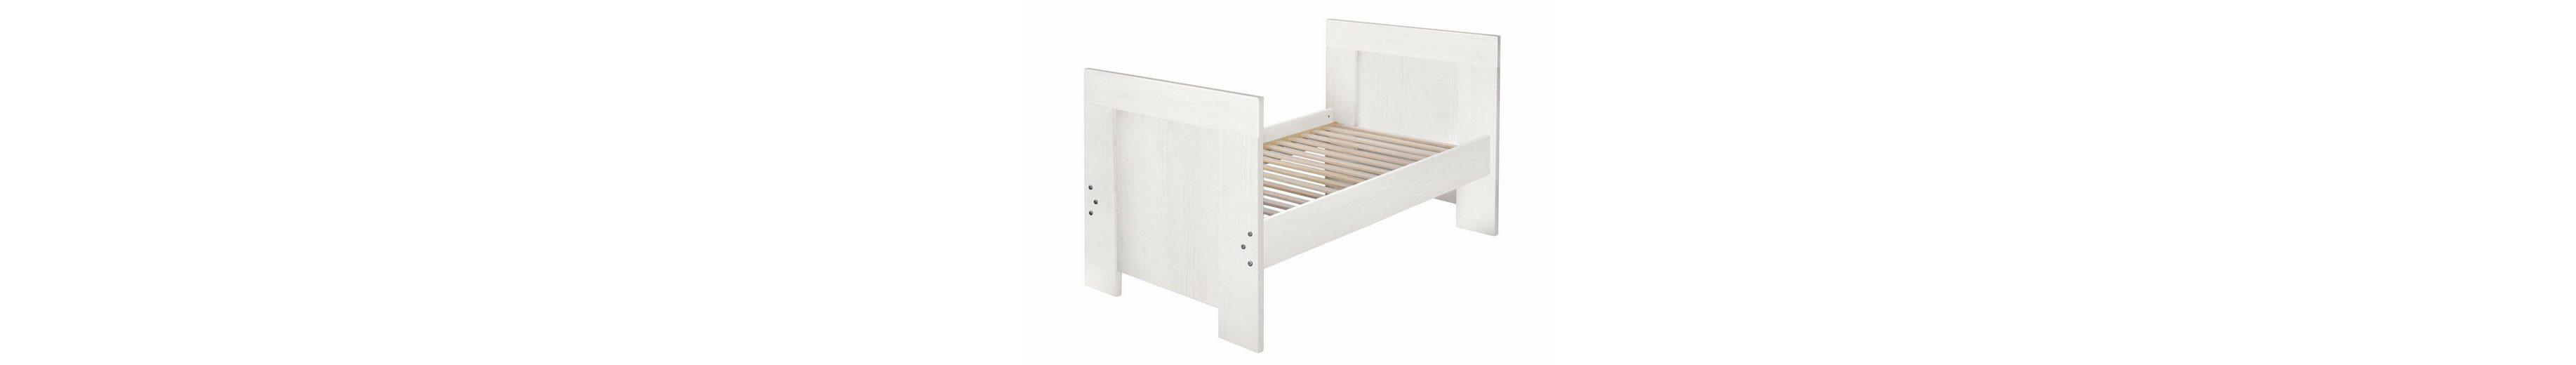 Umbauseiten zum Juniorbett für die Babymöbel Serien Granny, Ziggo und Dandy, in anderson pine